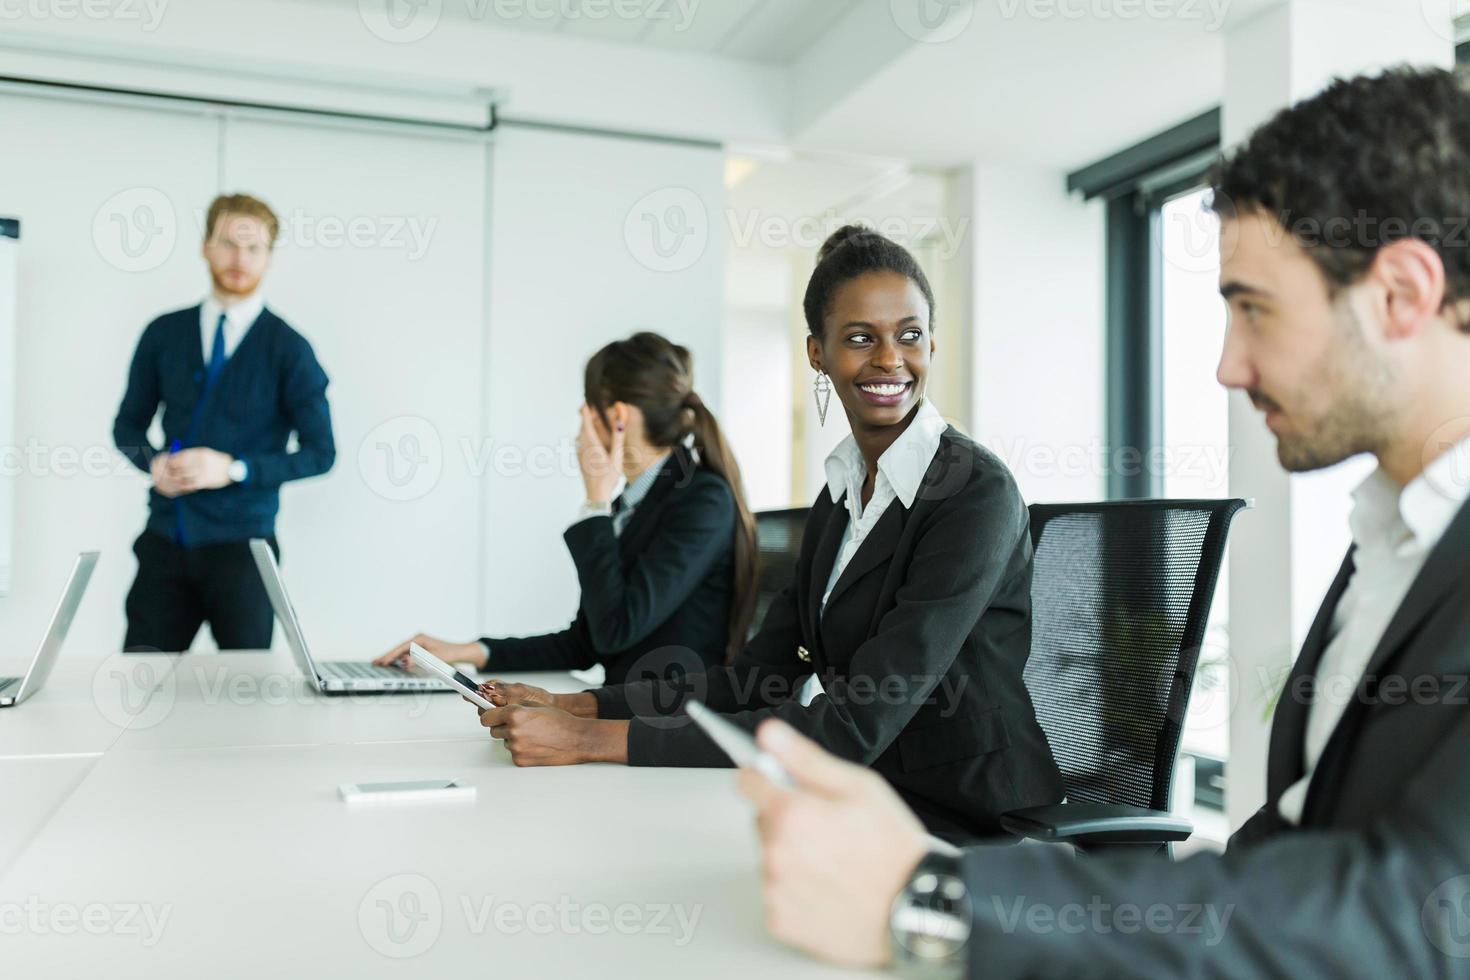 jonge mensen uit het bedrijfsleven zitten aan een conferentietafel foto